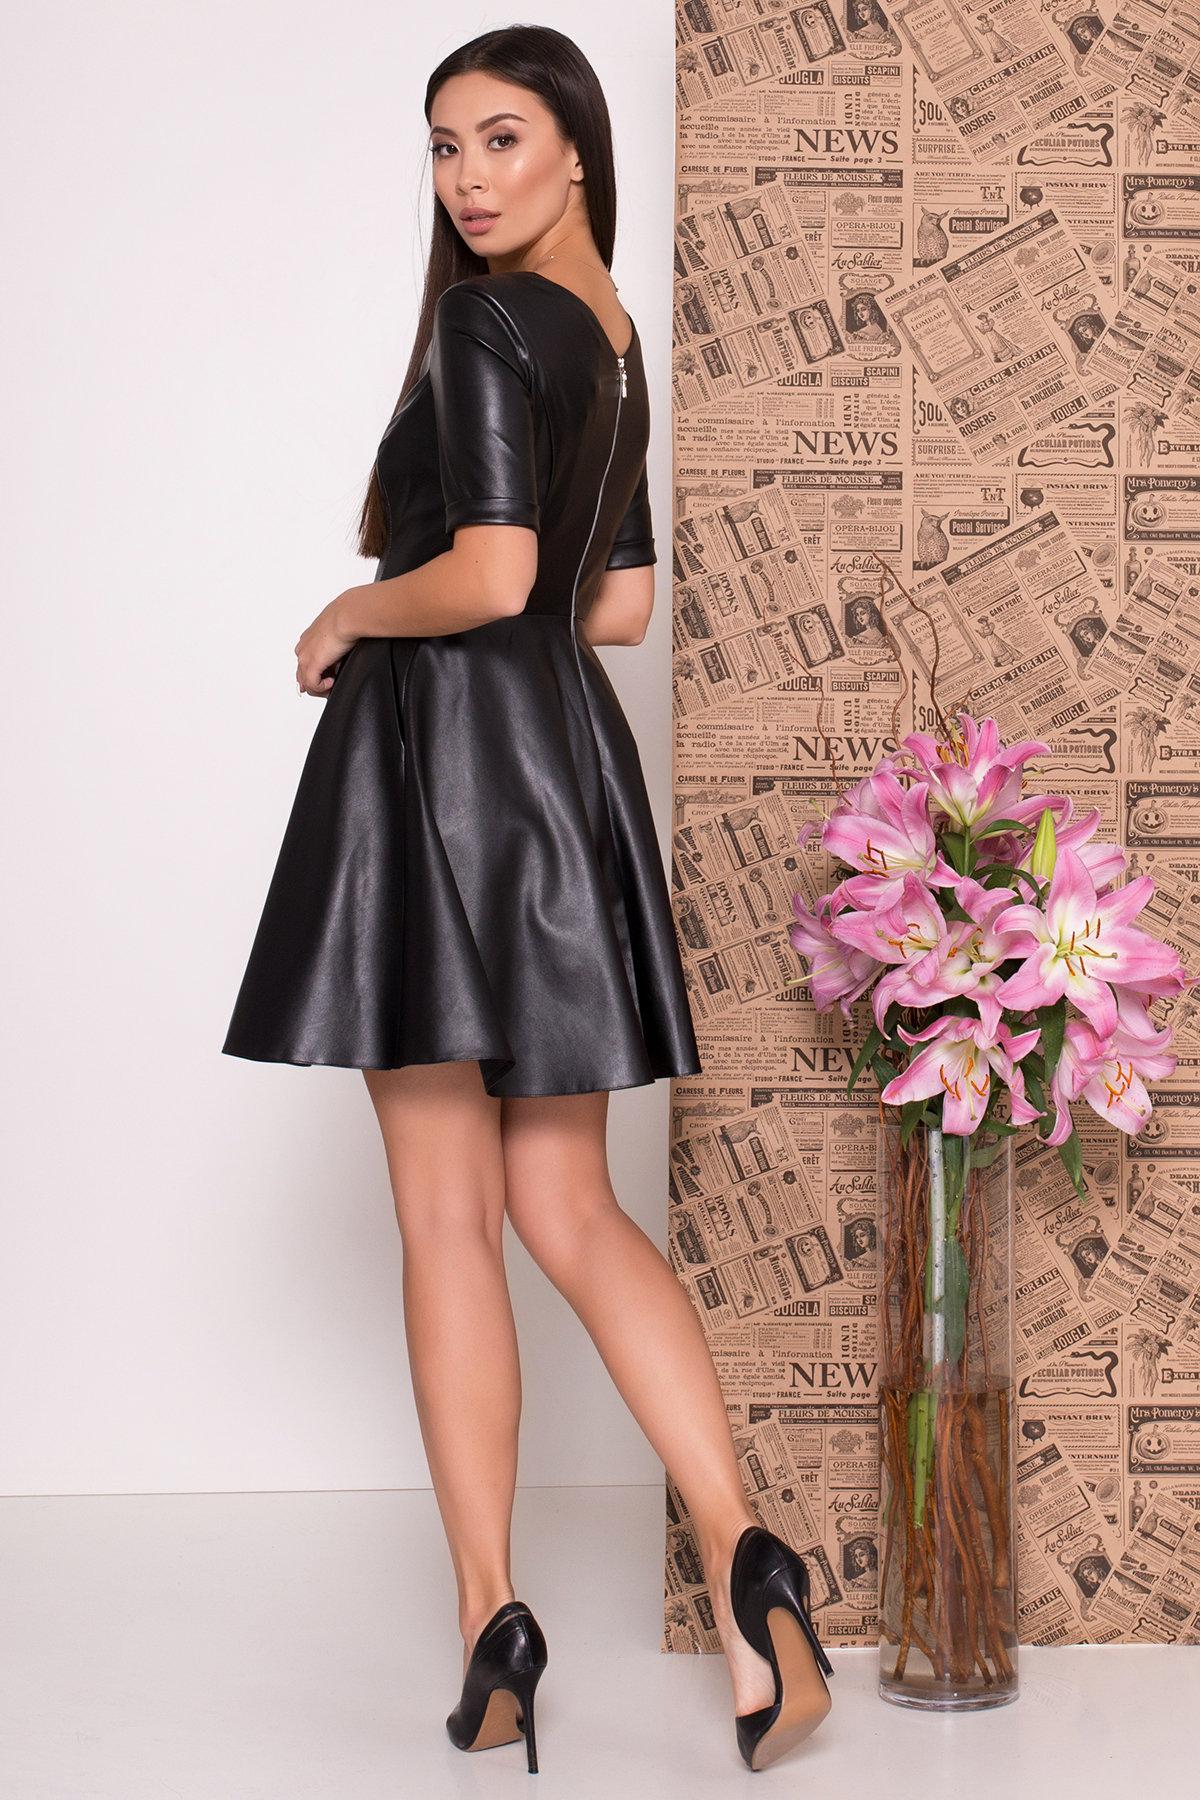 Платье из экокожи Фернанда 7783 АРТ. 43671 Цвет: Черный - фото 3, интернет магазин tm-modus.ru